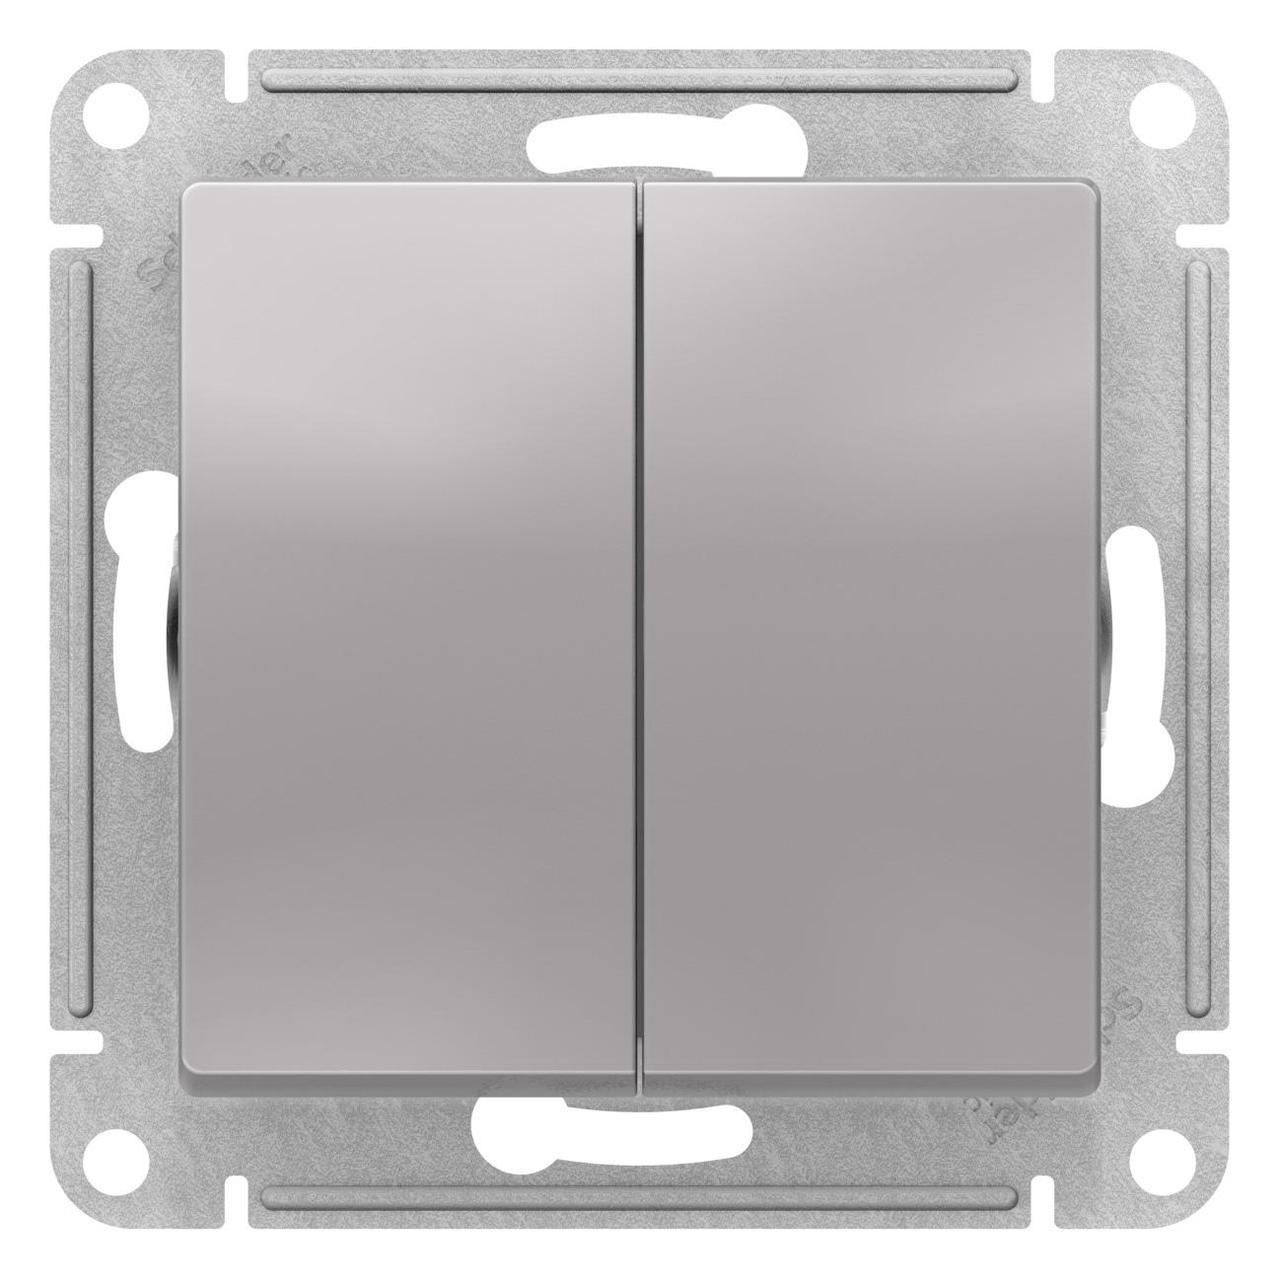 Выключатель 2-клавишный , Алюминий, серия Atlas Design, Schneider Electric